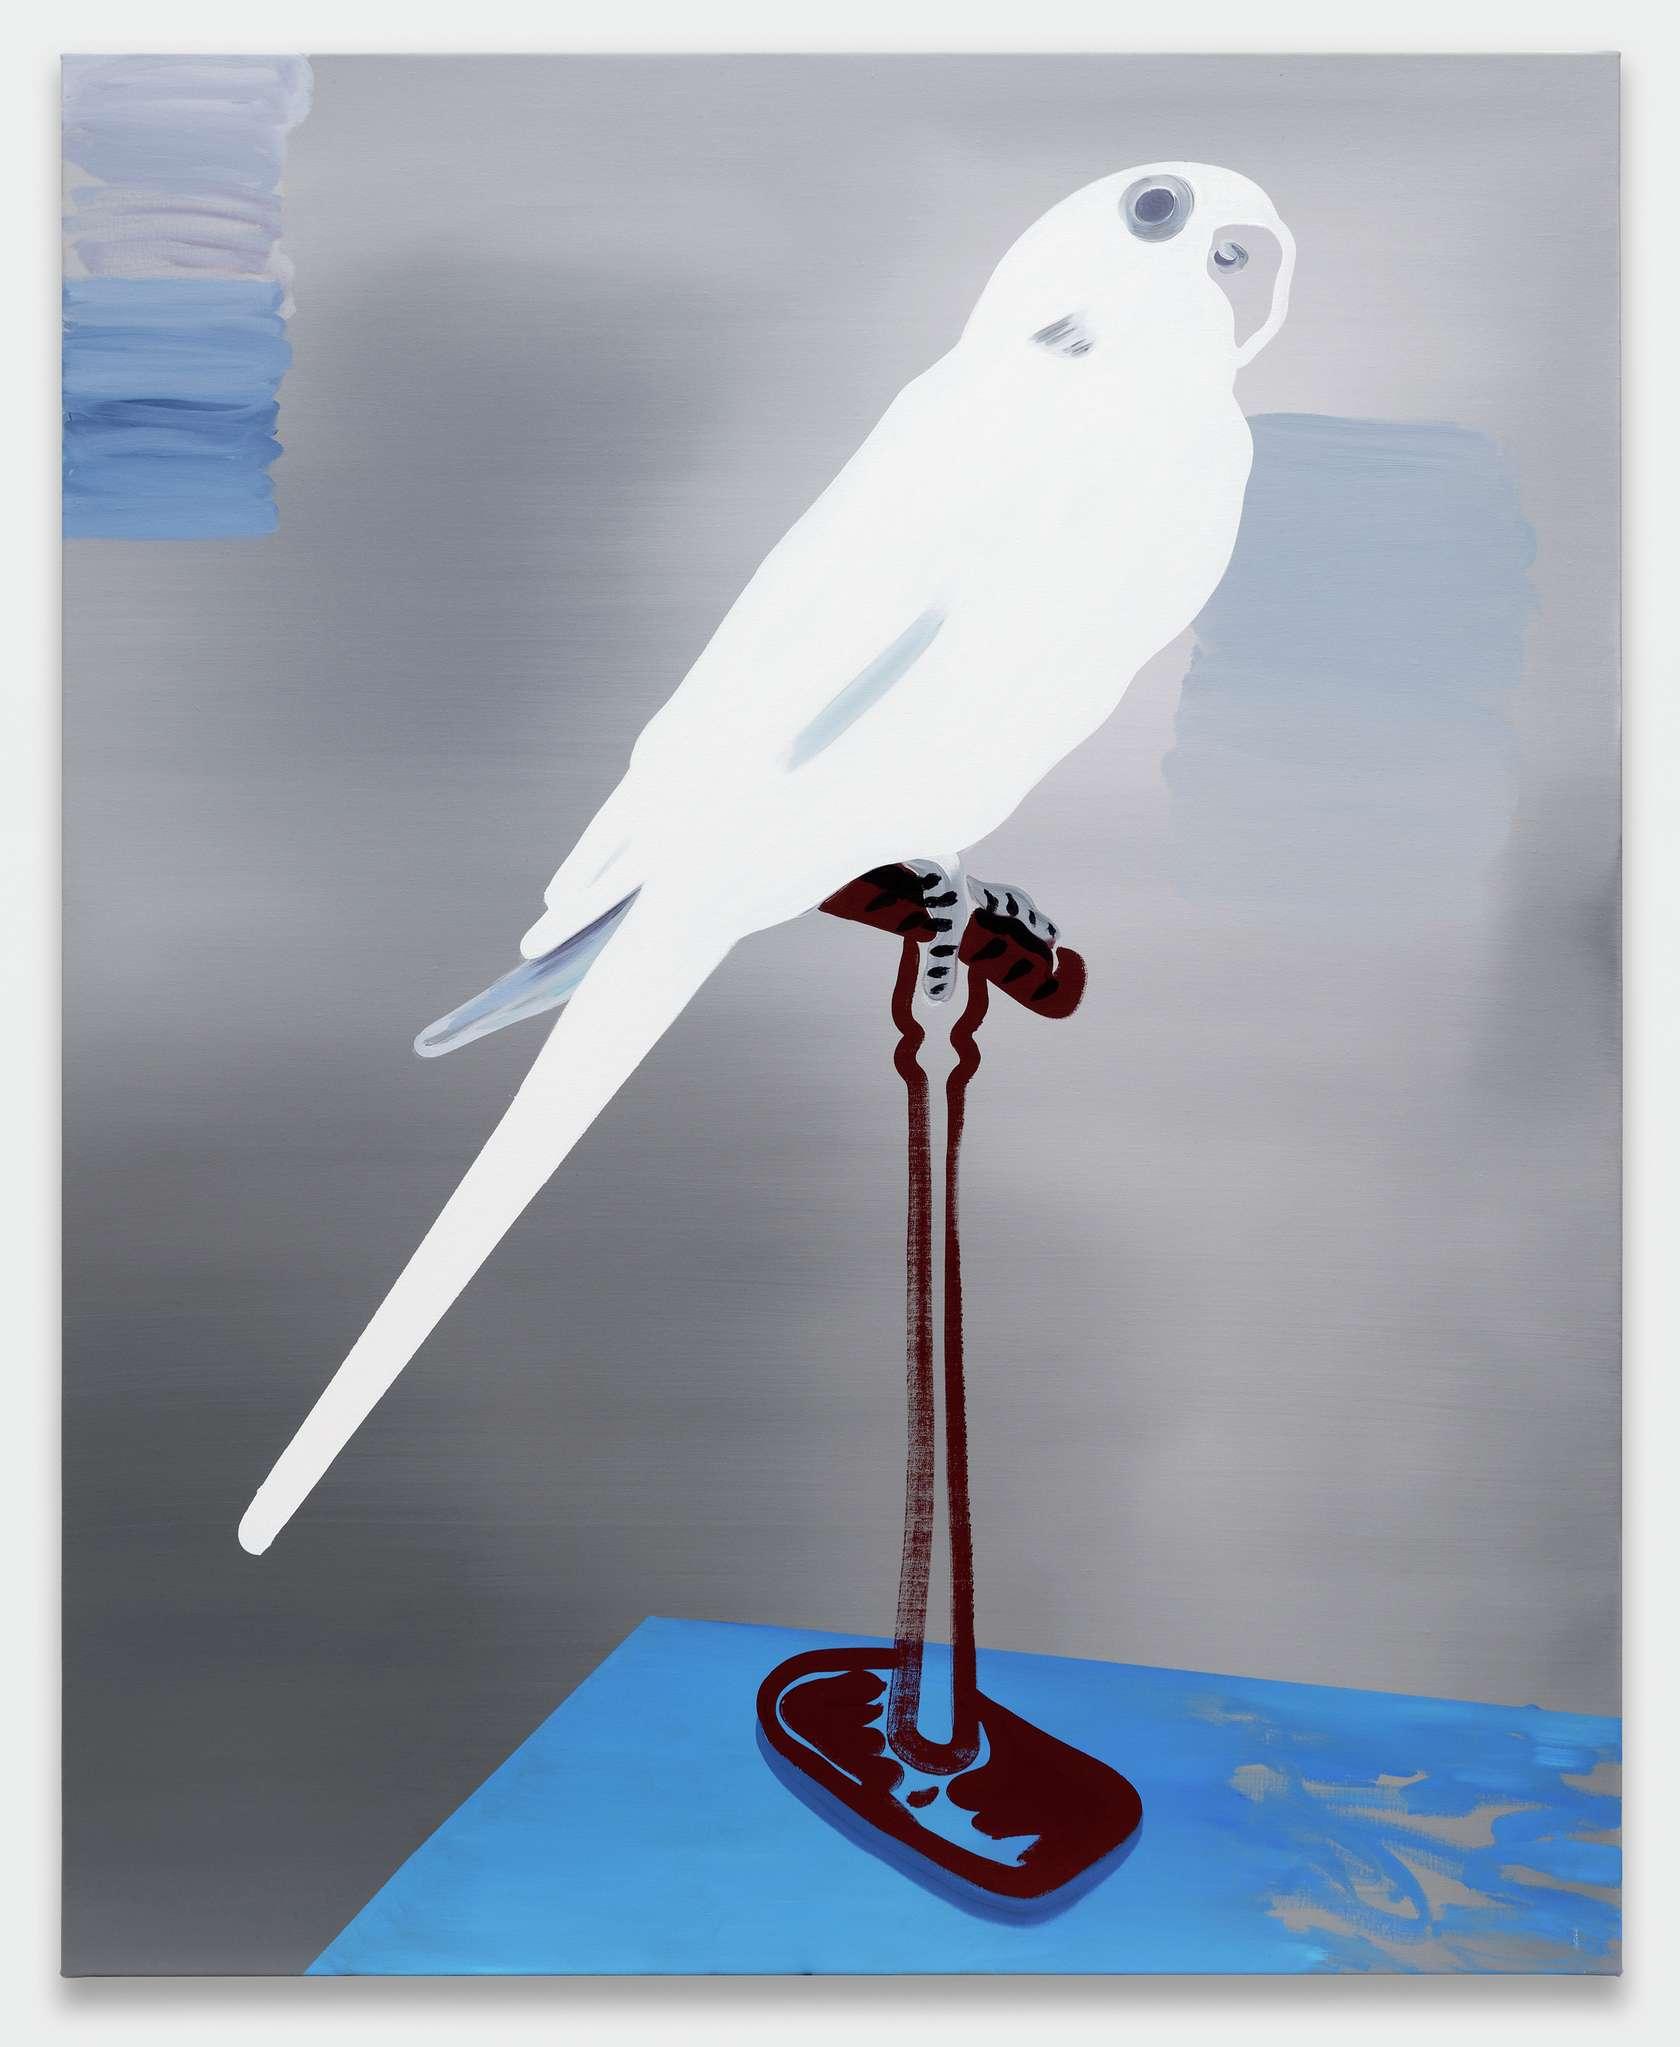 Françoise Pétrovitch, Sans titre, 2020 Huile sur toile160 × 130 cm / 63  × 51 1/8 in.